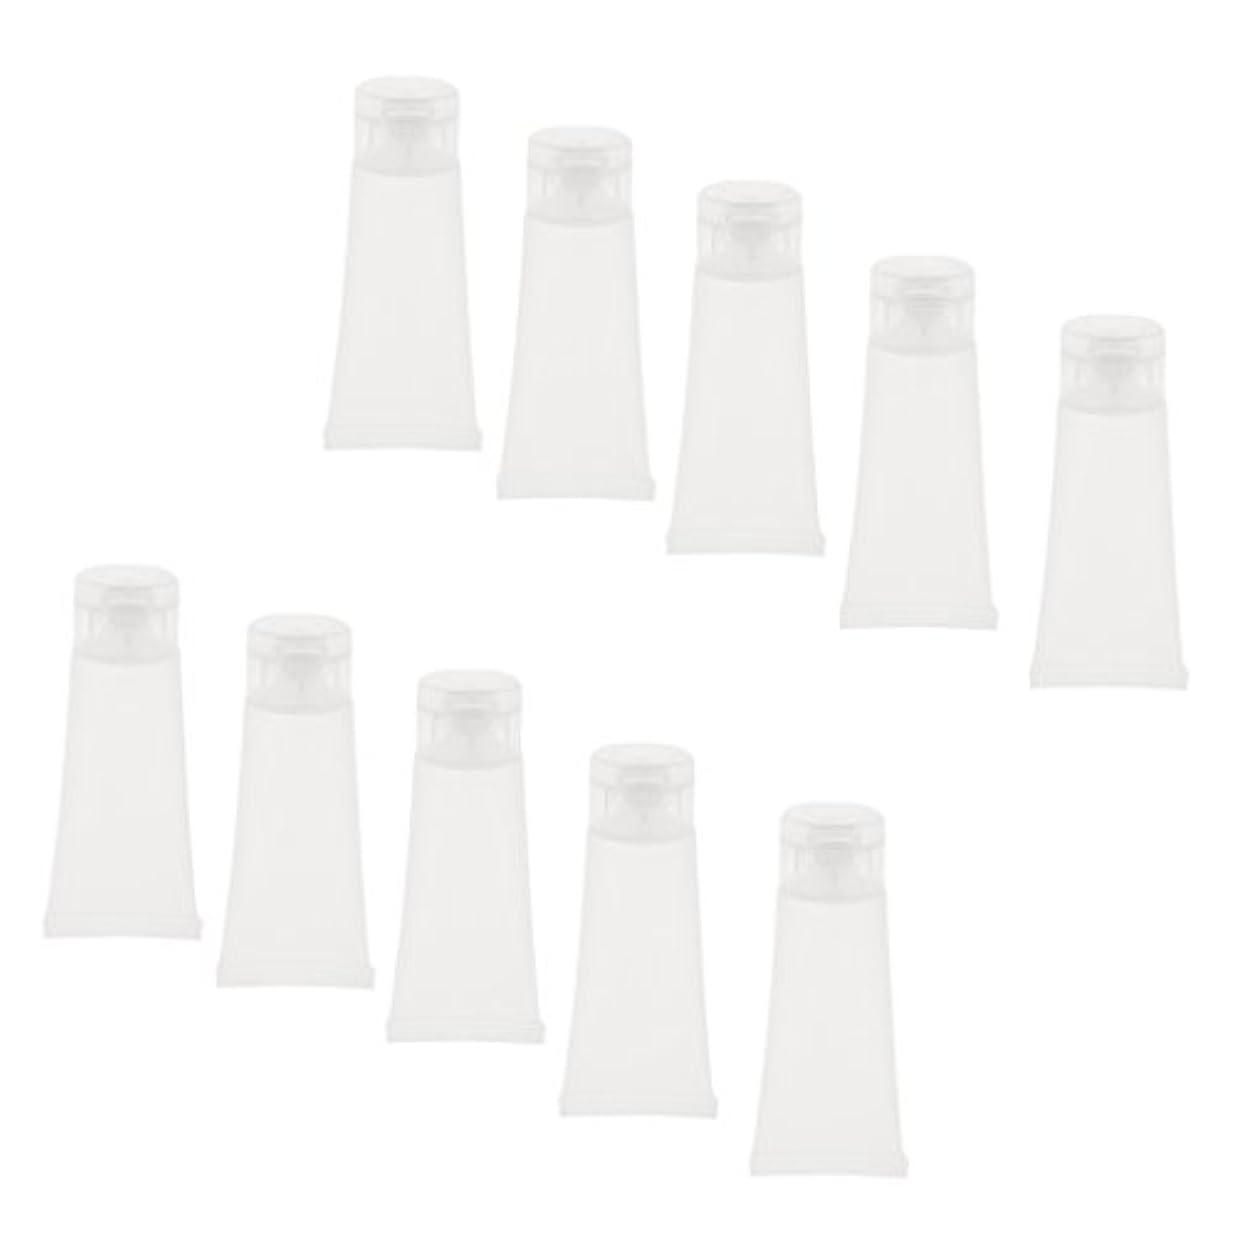 銀河重々しい南極10個 空チューブ クリームチューブ 透明 プラスチック製 コスメ 詰替え メイクアップ ローション コンテナ 収納ボトル 2サイズ選べる - 15g